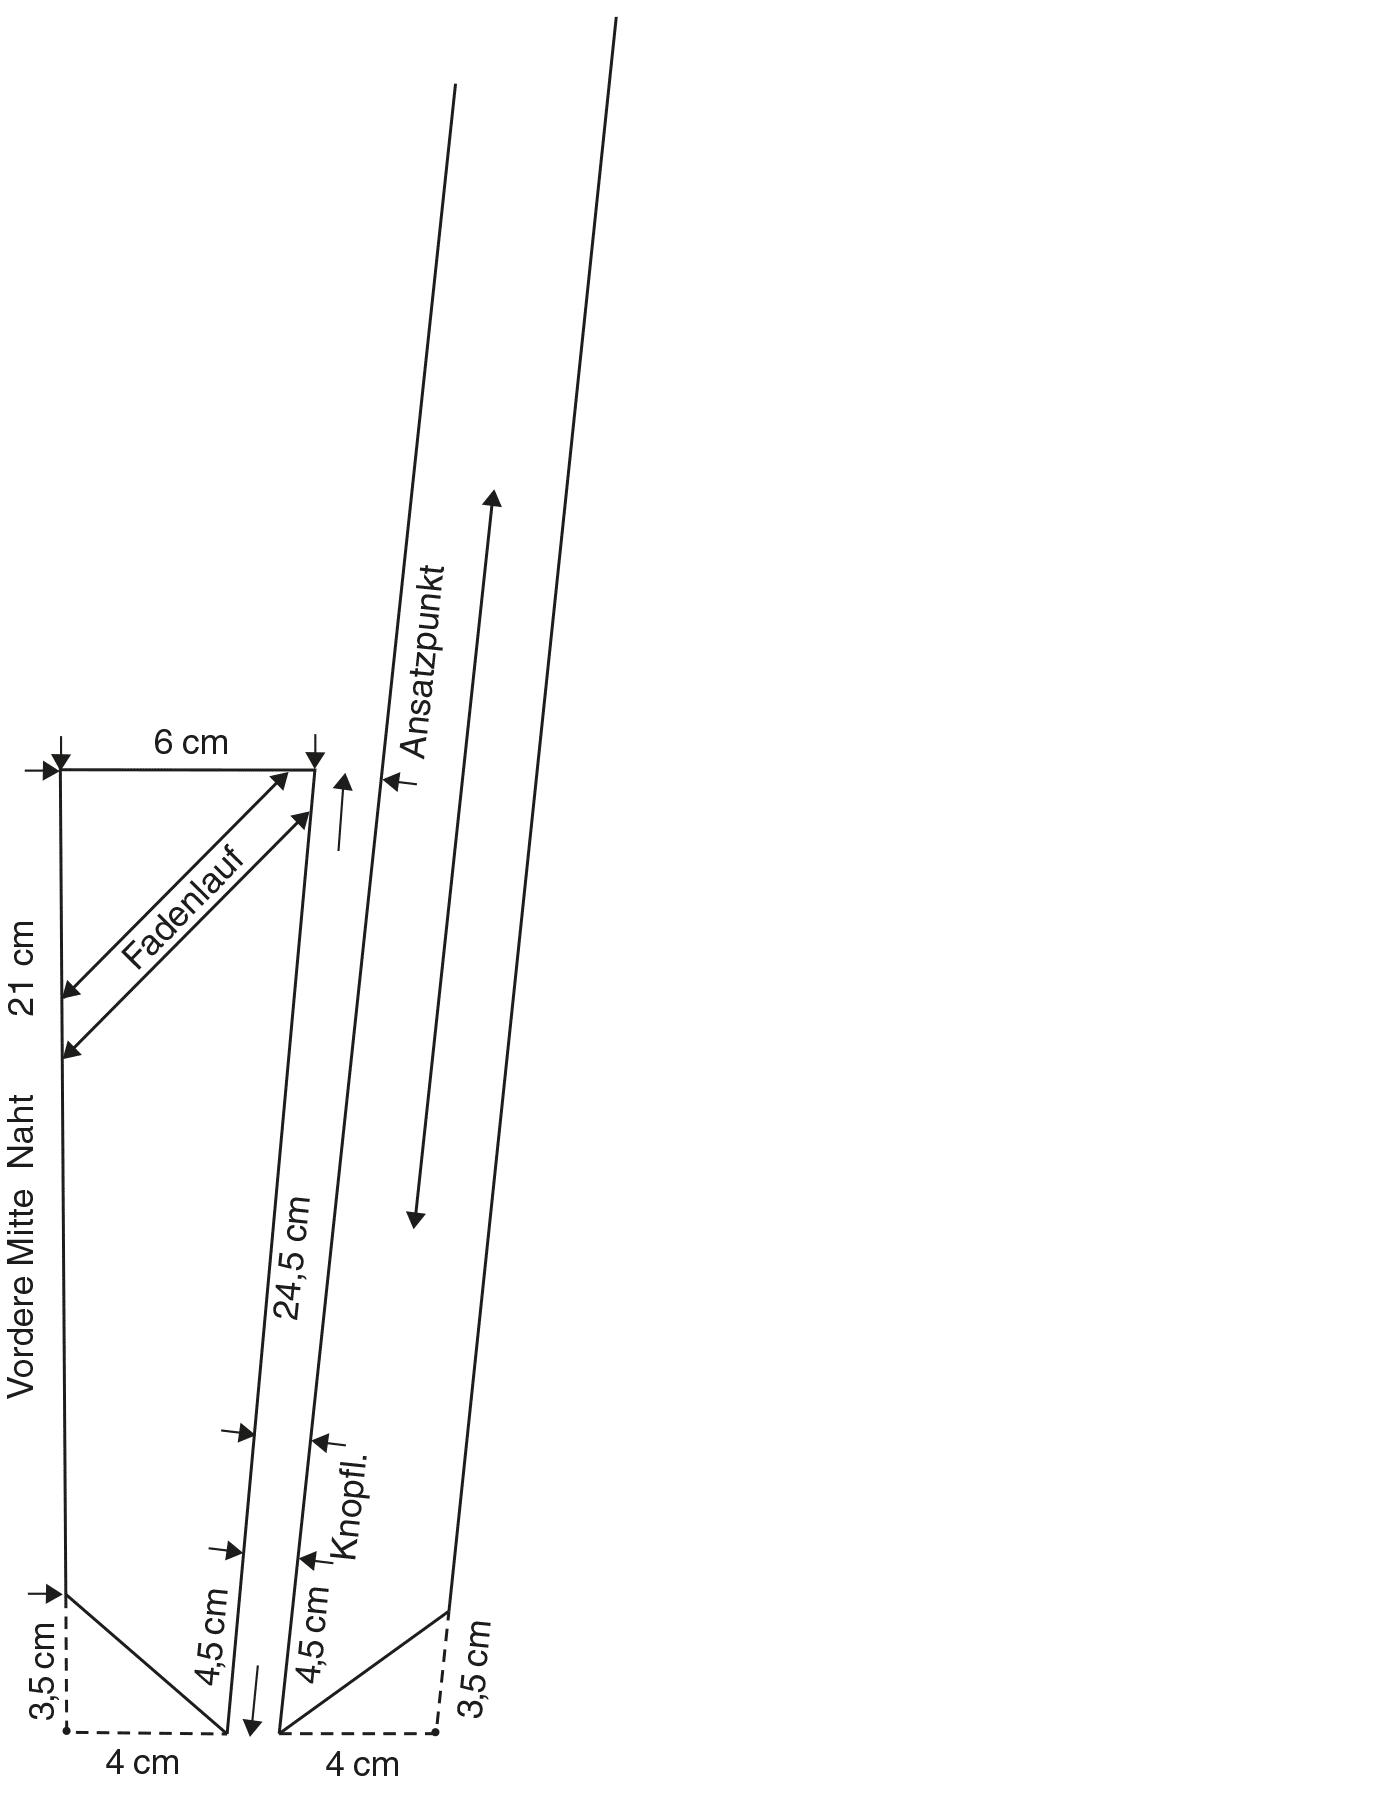 Abgebildet ist die Schnitt-Technik eines Hosenträgers in Westernoptik.